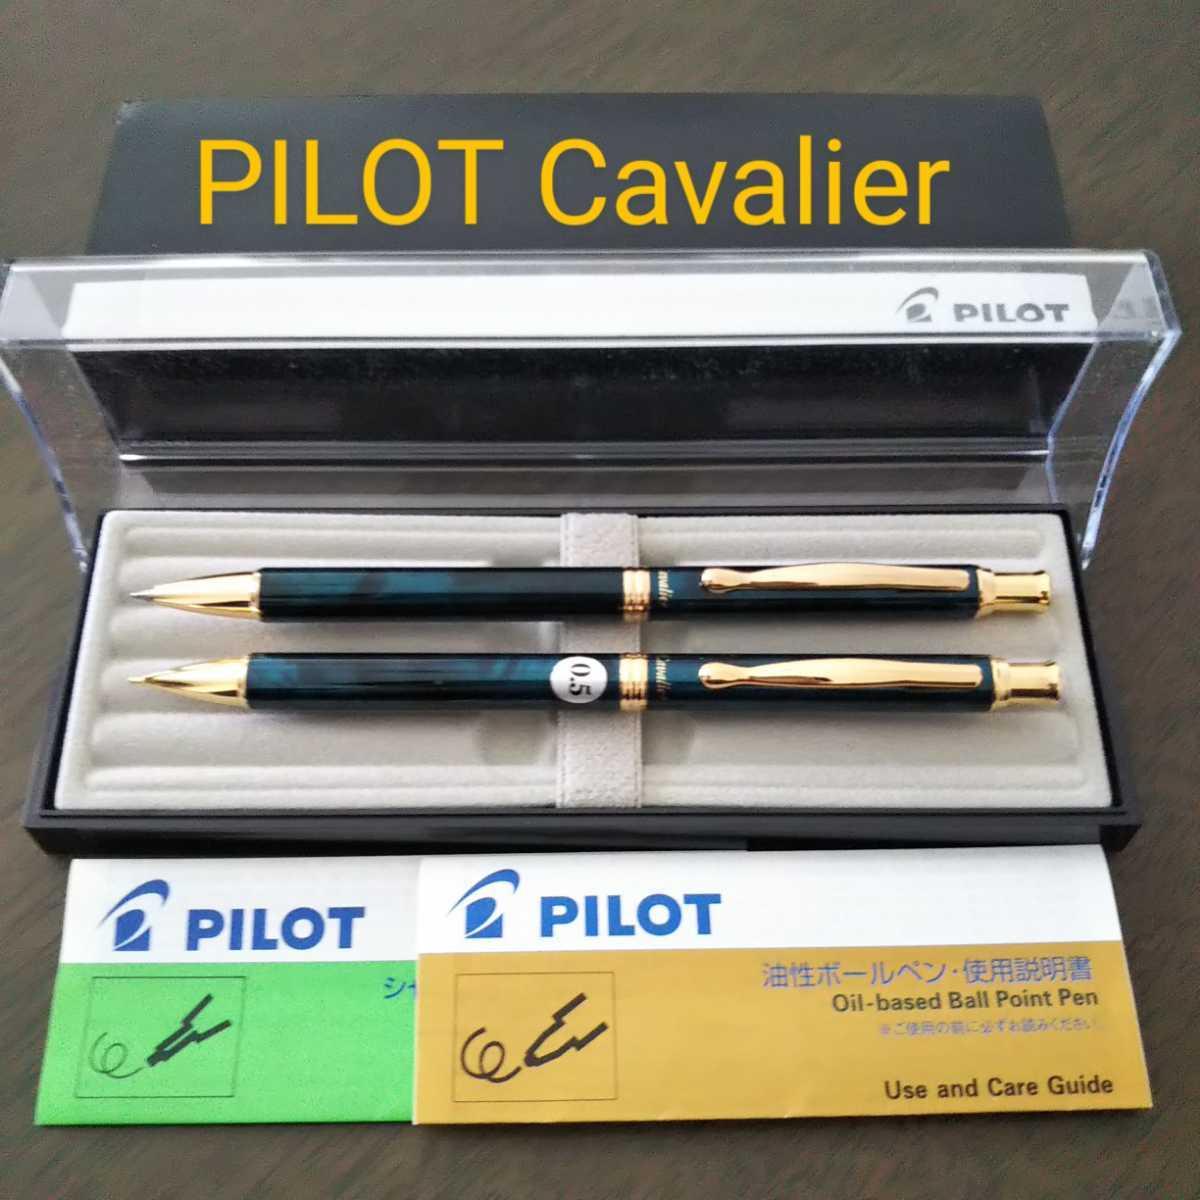 【廃番】パイロット カヴァリエ ボールペン・シャープペン セット PILOT Cavalier BCA-3SR-BL HCA-3SR-BL ブルーマーブル【未使用品】